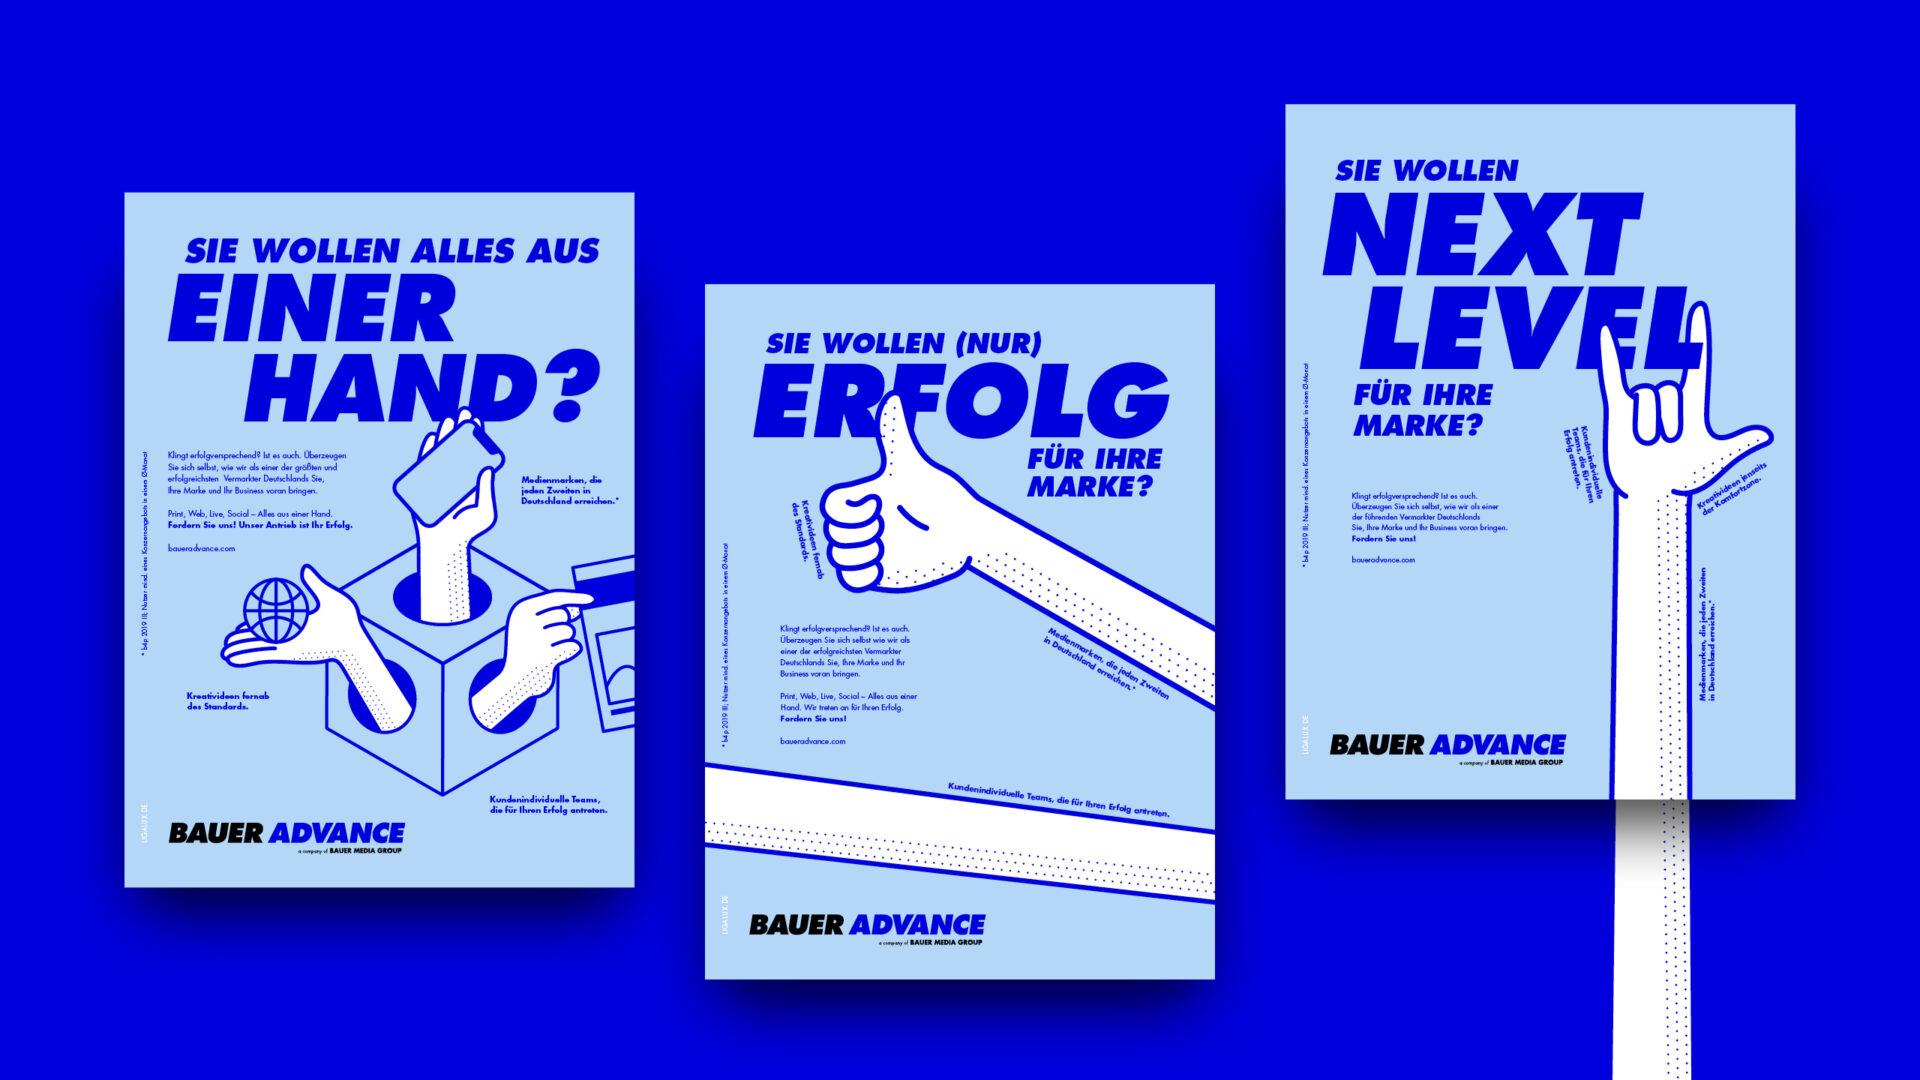 Übersicht mit drei hellblauen Anzeigen mit Ilustrationen von Händen